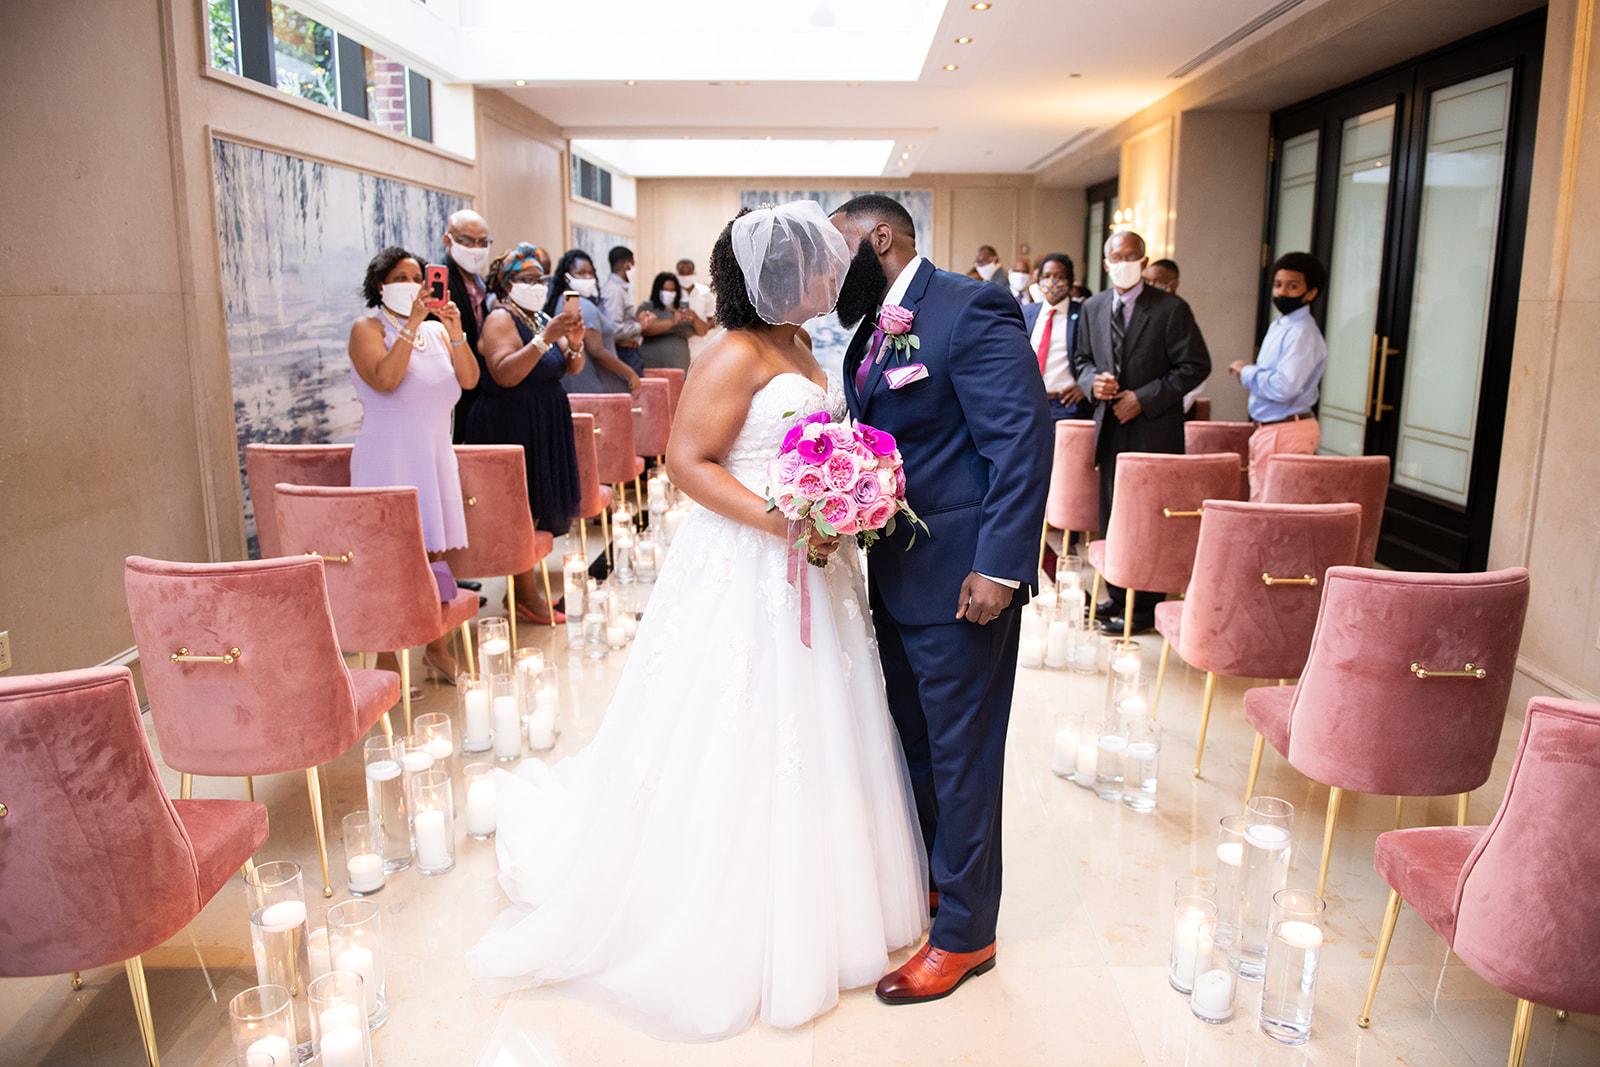 Ashley & Joey's Wedding